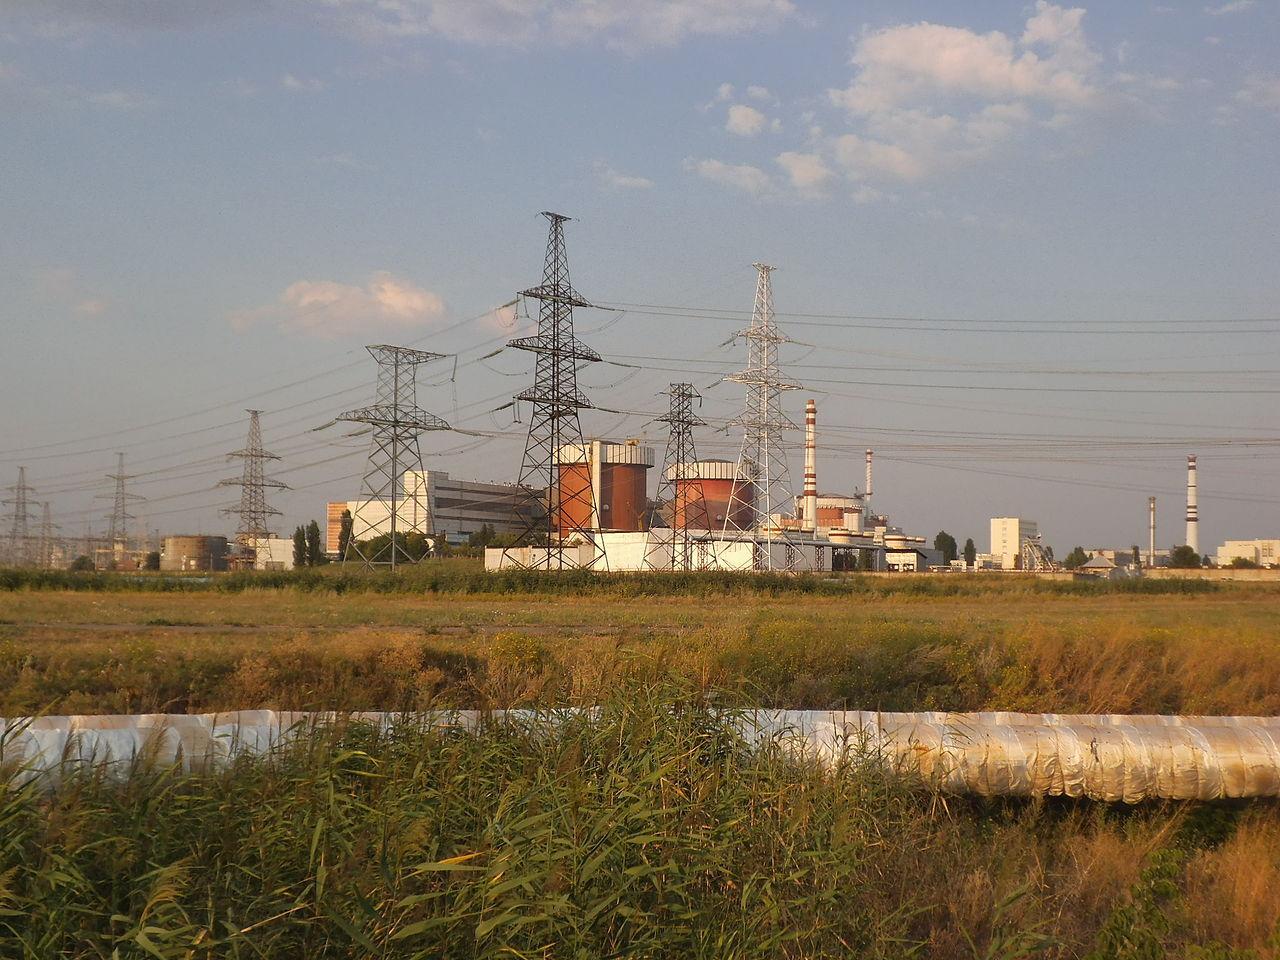 Anställda kopplade upp kärnkraftsanläggning till nätet